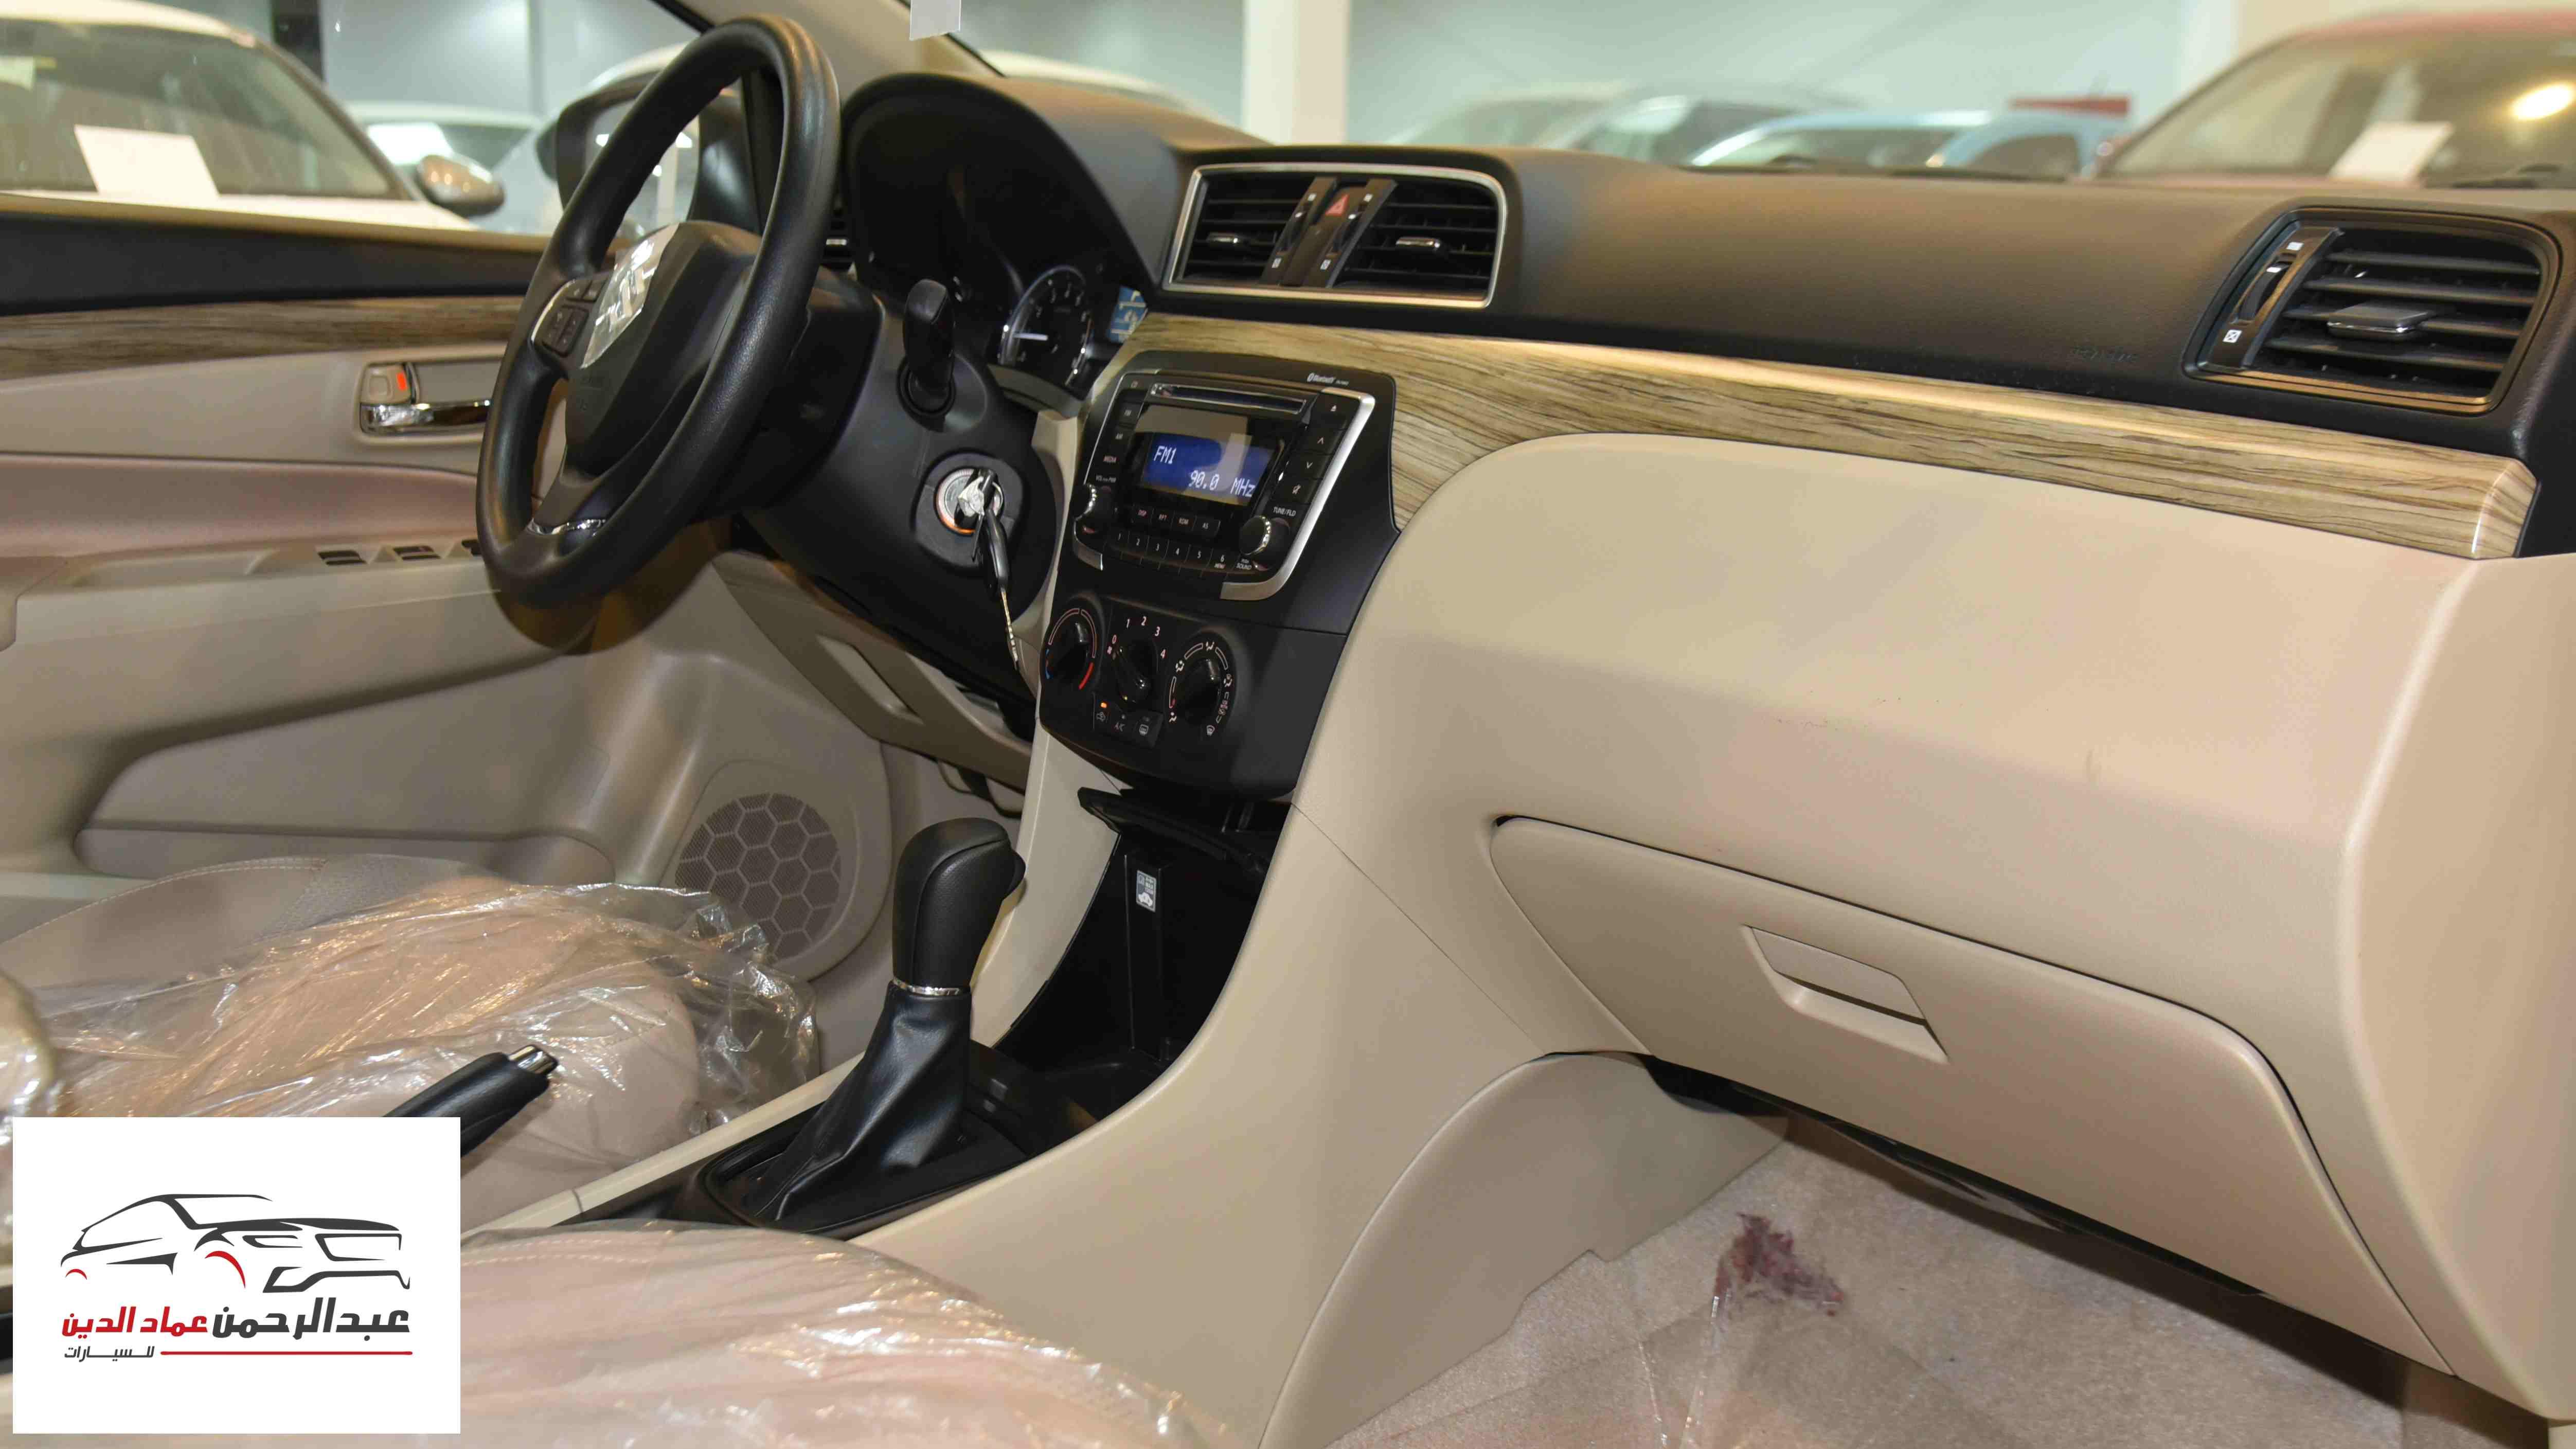 سوزوكي سياز 2021 ستاندر GL سعودي جديد للبيع في الرياض - السعودية - صورة كبيرة - 7